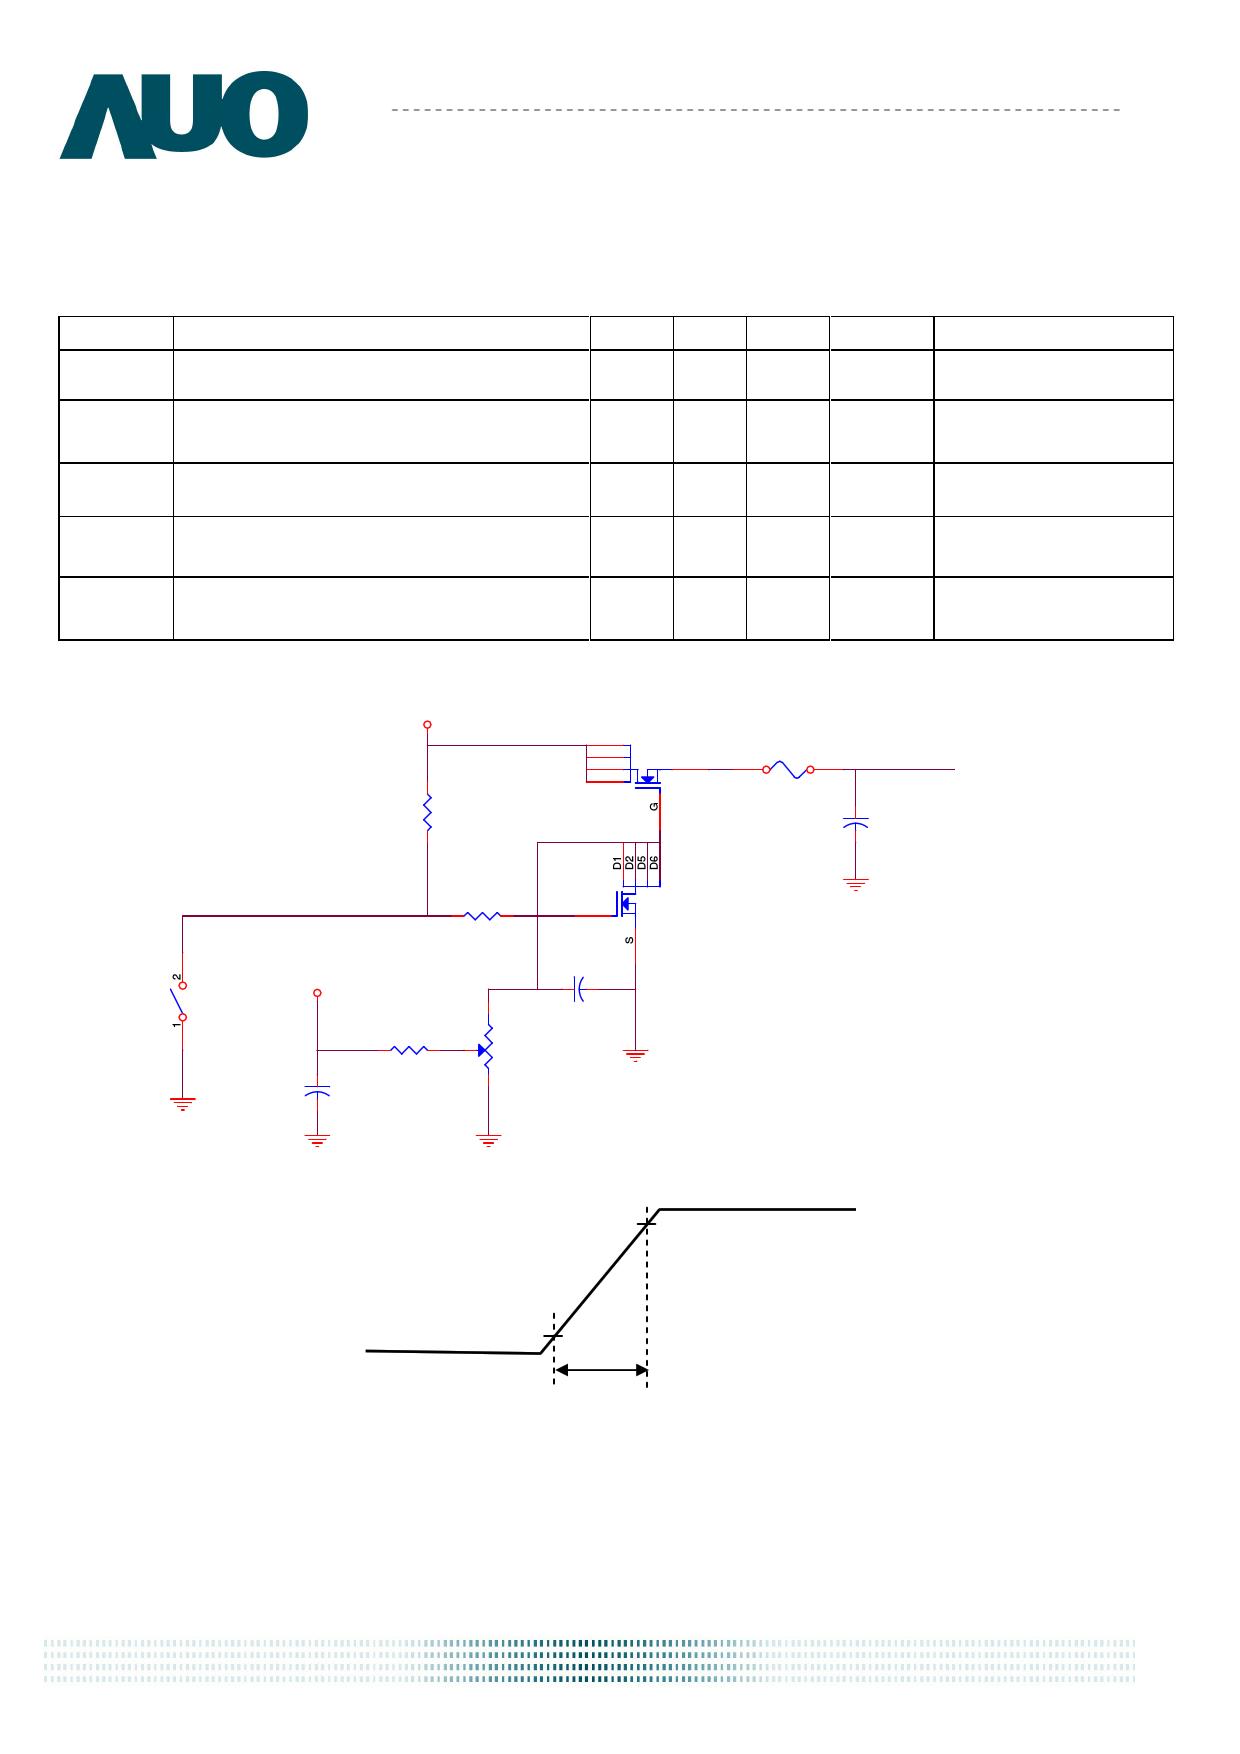 G065VN01_V1 arduino